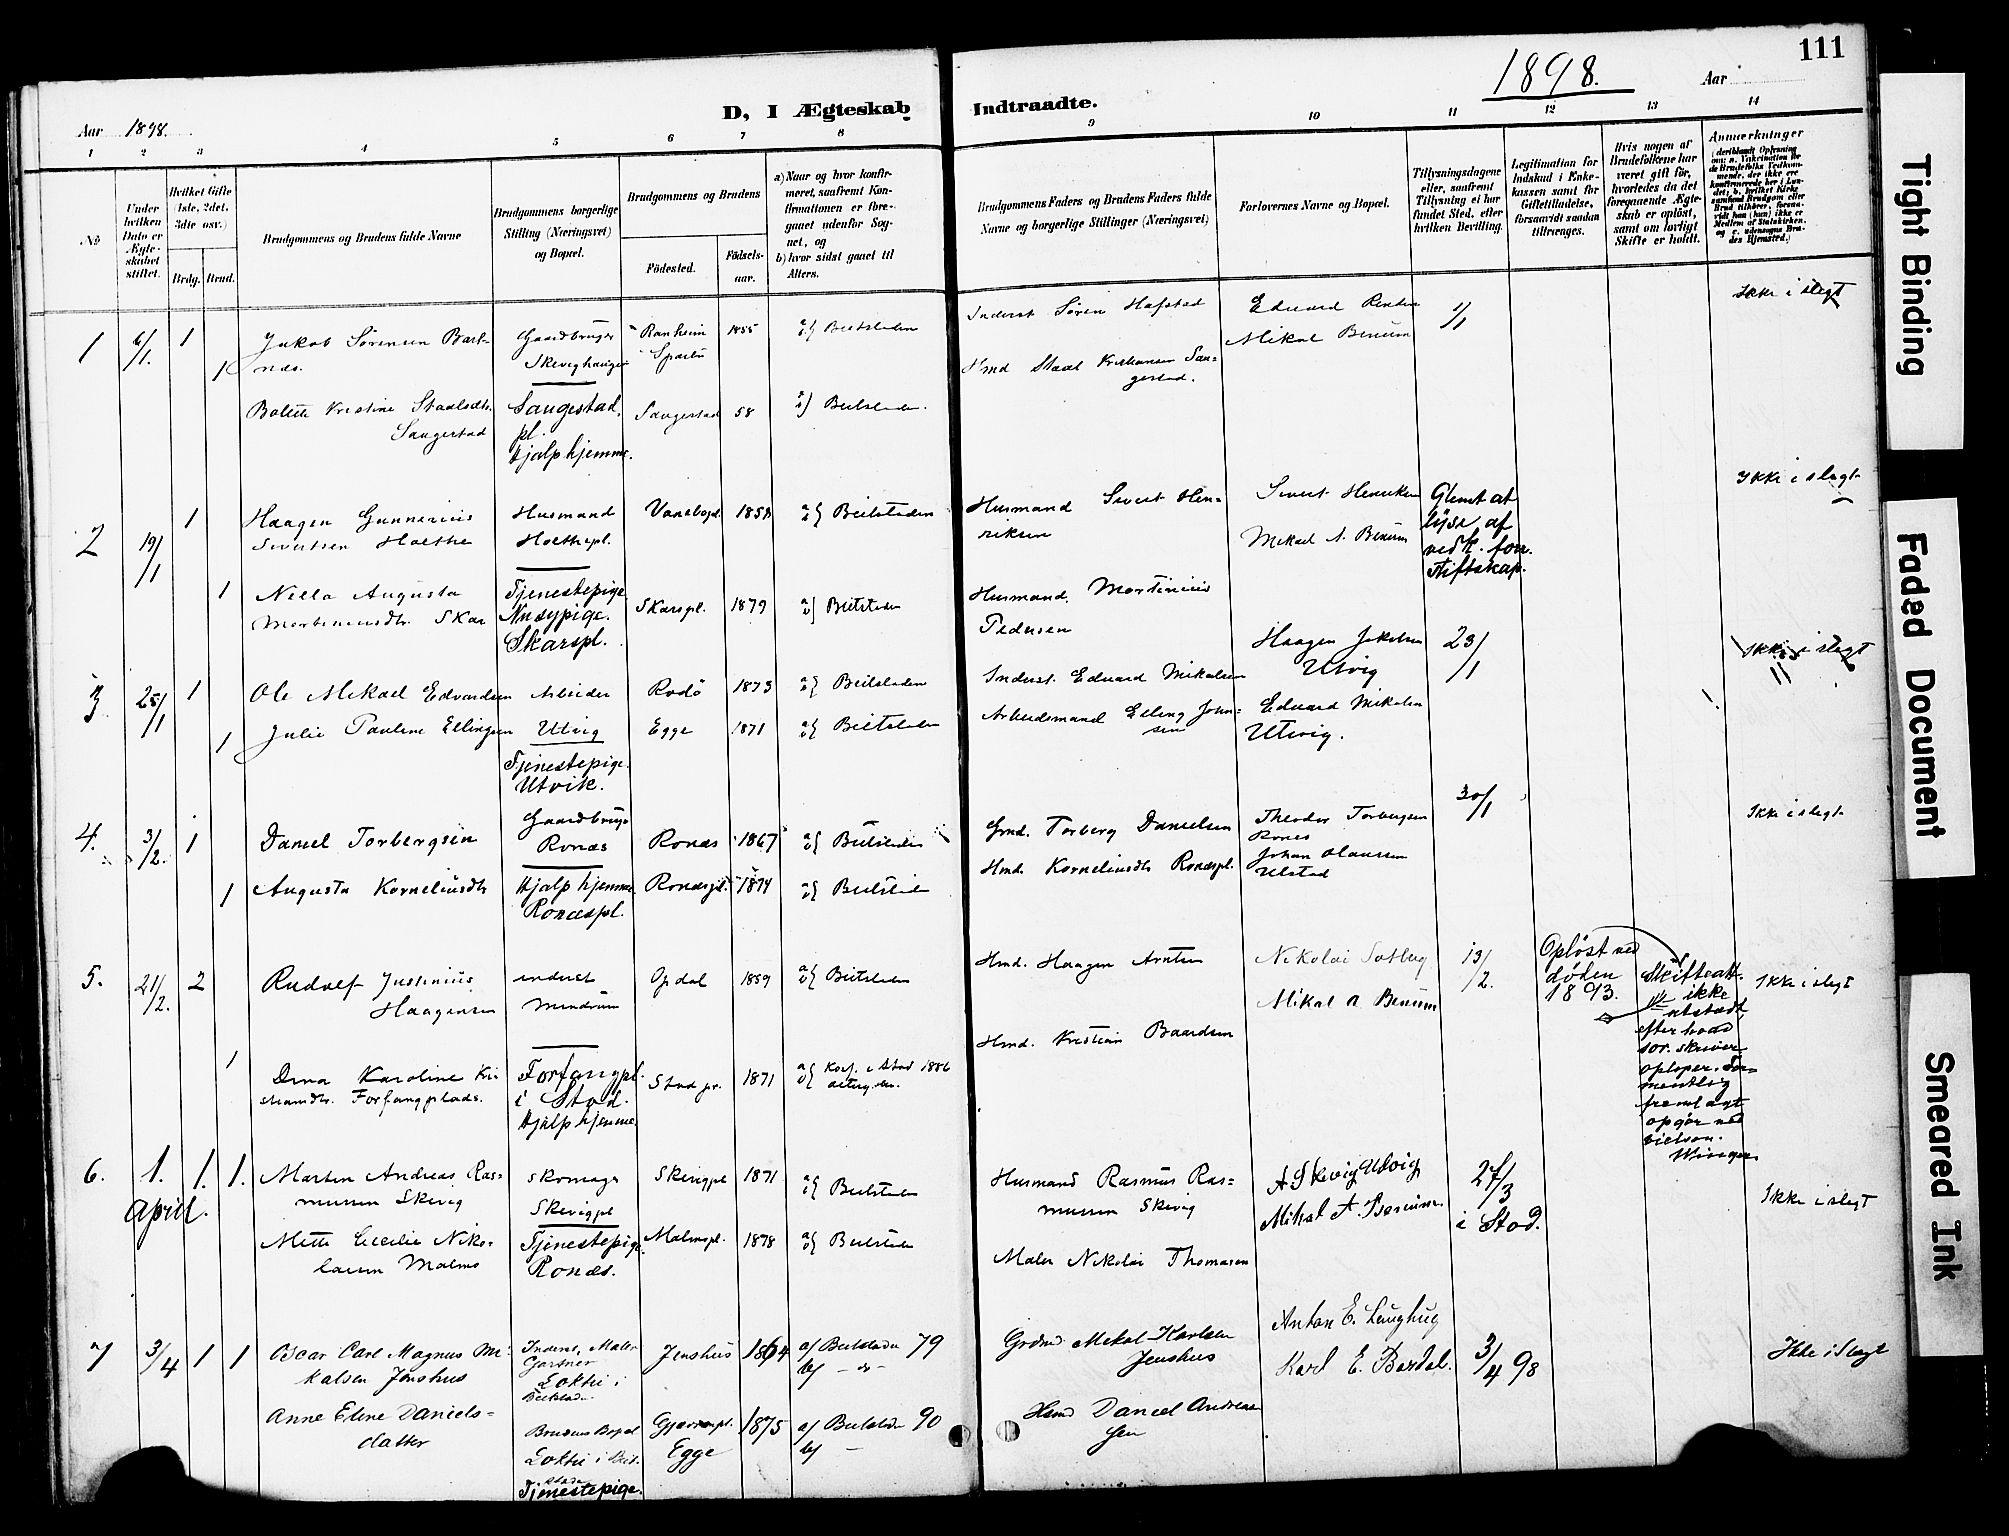 SAT, Ministerialprotokoller, klokkerbøker og fødselsregistre - Nord-Trøndelag, 741/L0396: Ministerialbok nr. 741A10, 1889-1901, s. 111